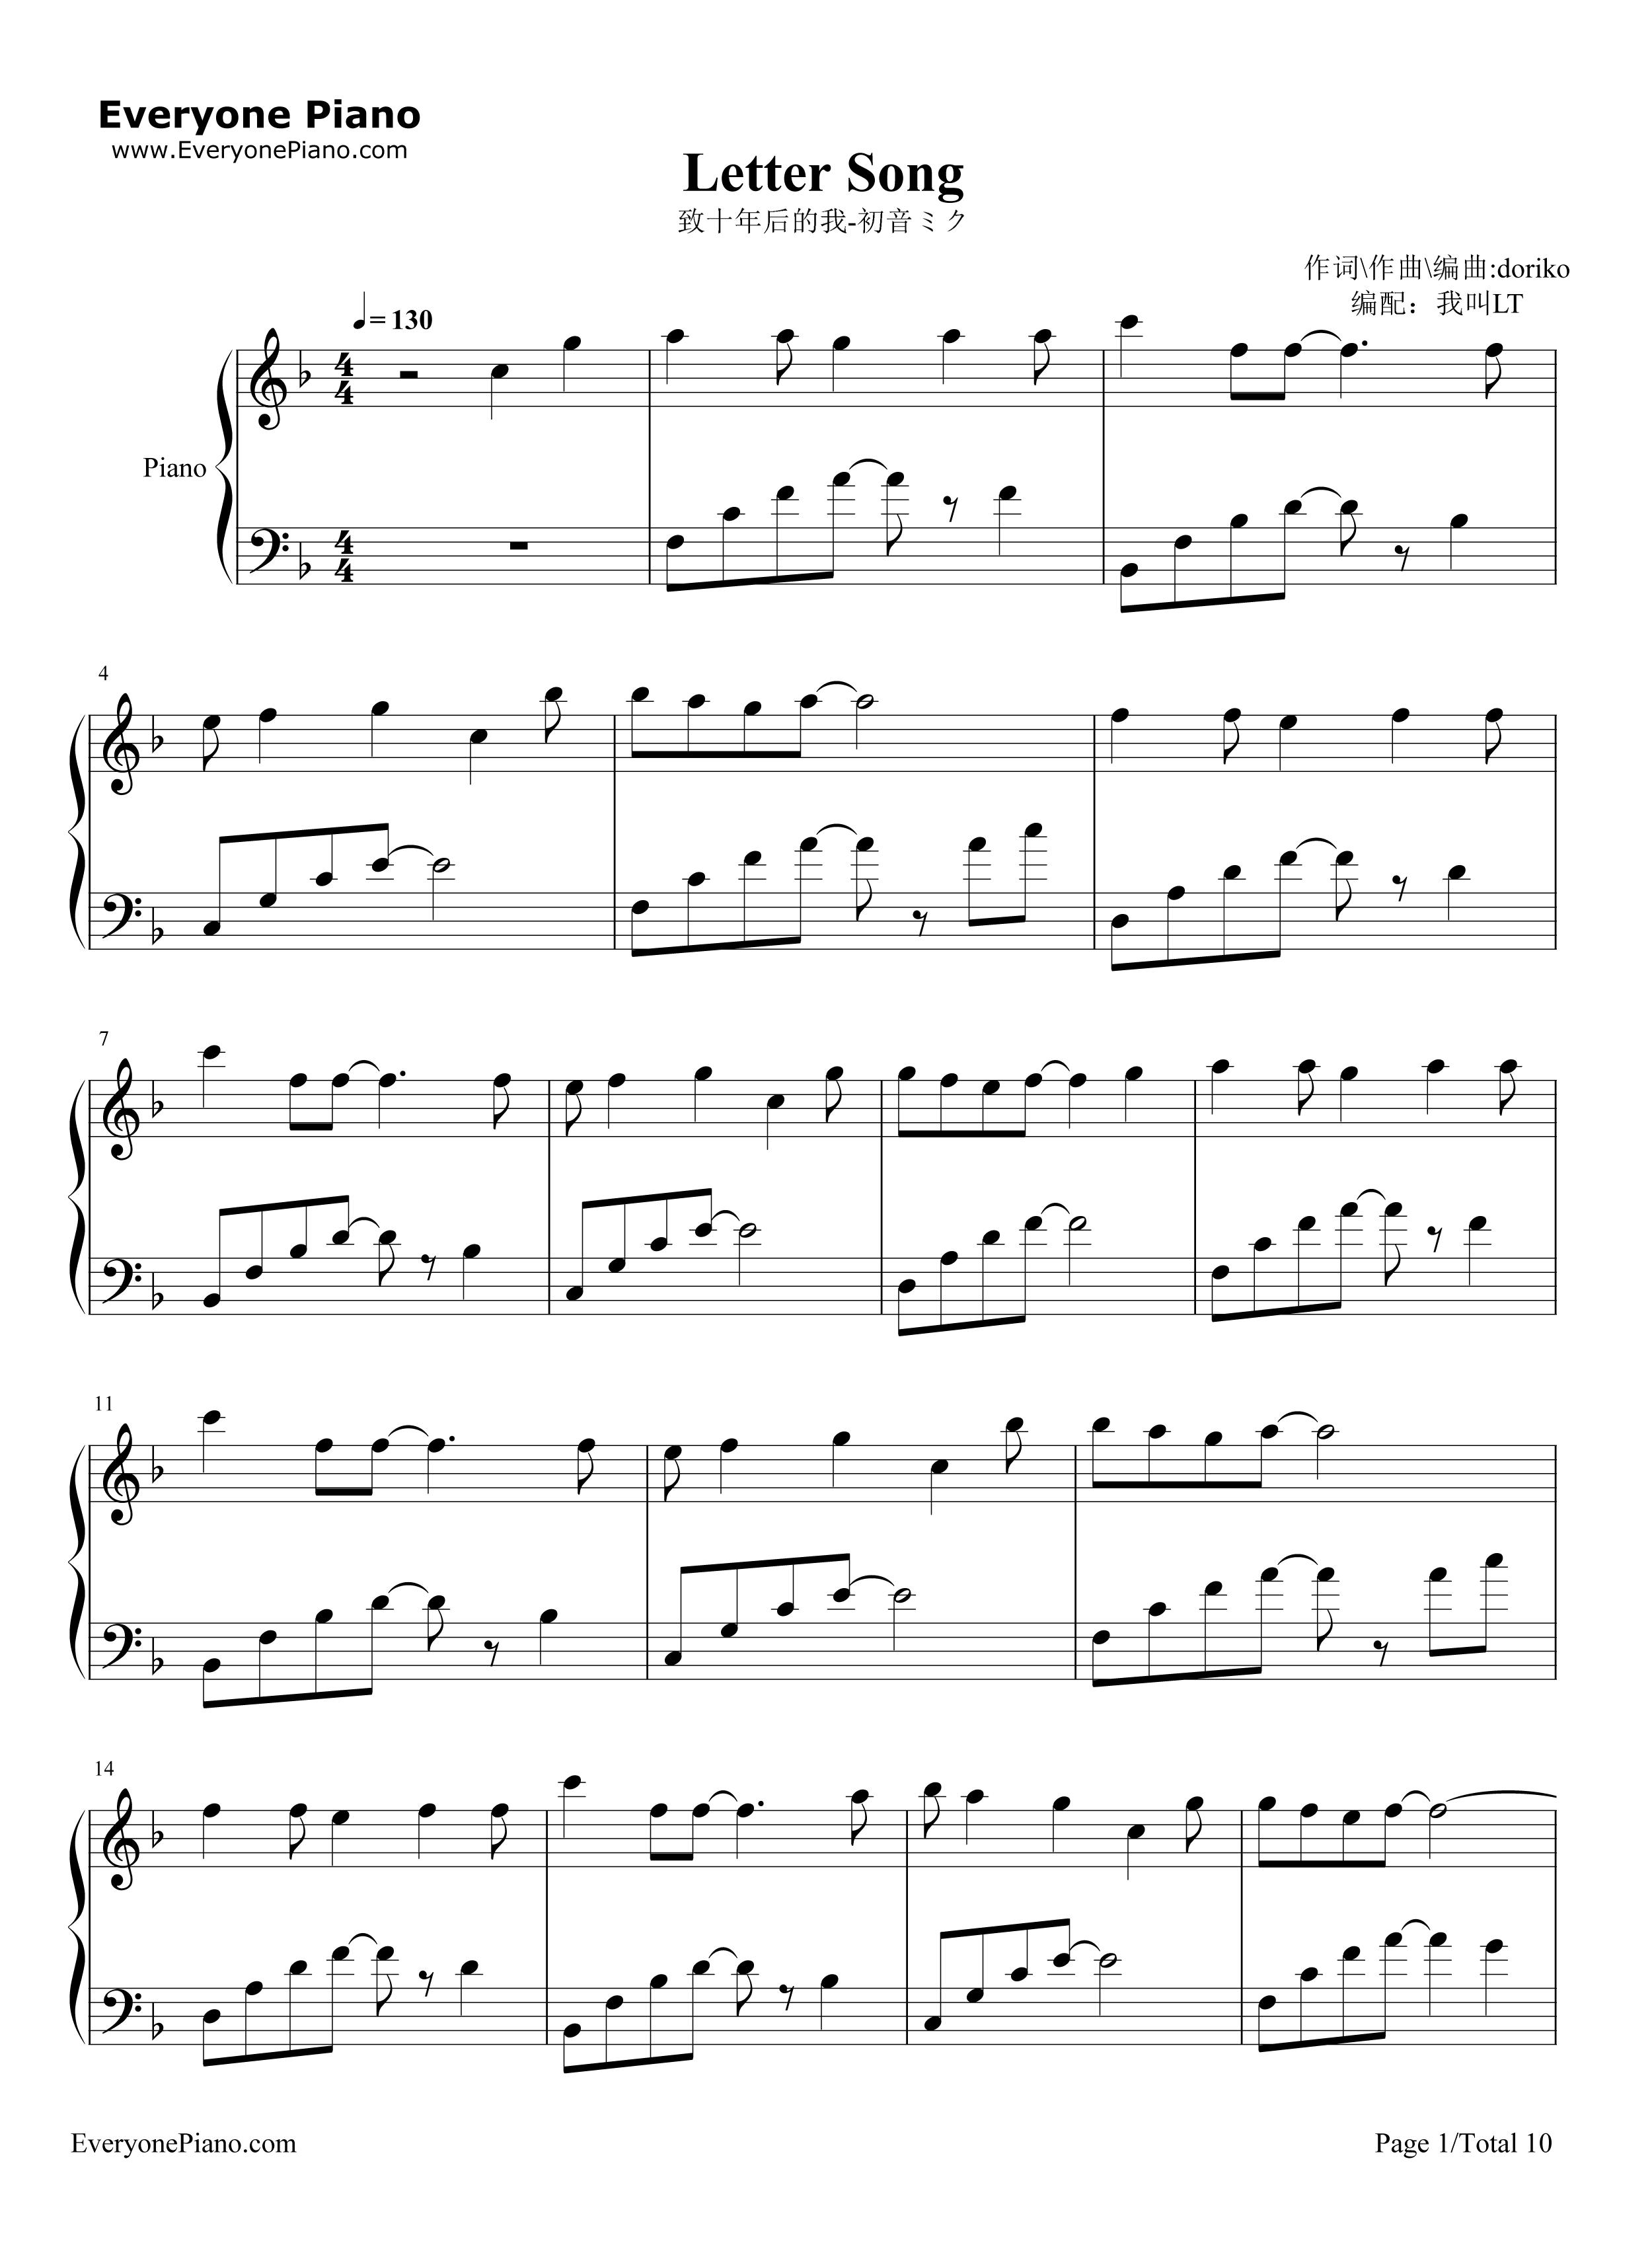 letter song-致十年后的我-初音ミク五线谱预览1